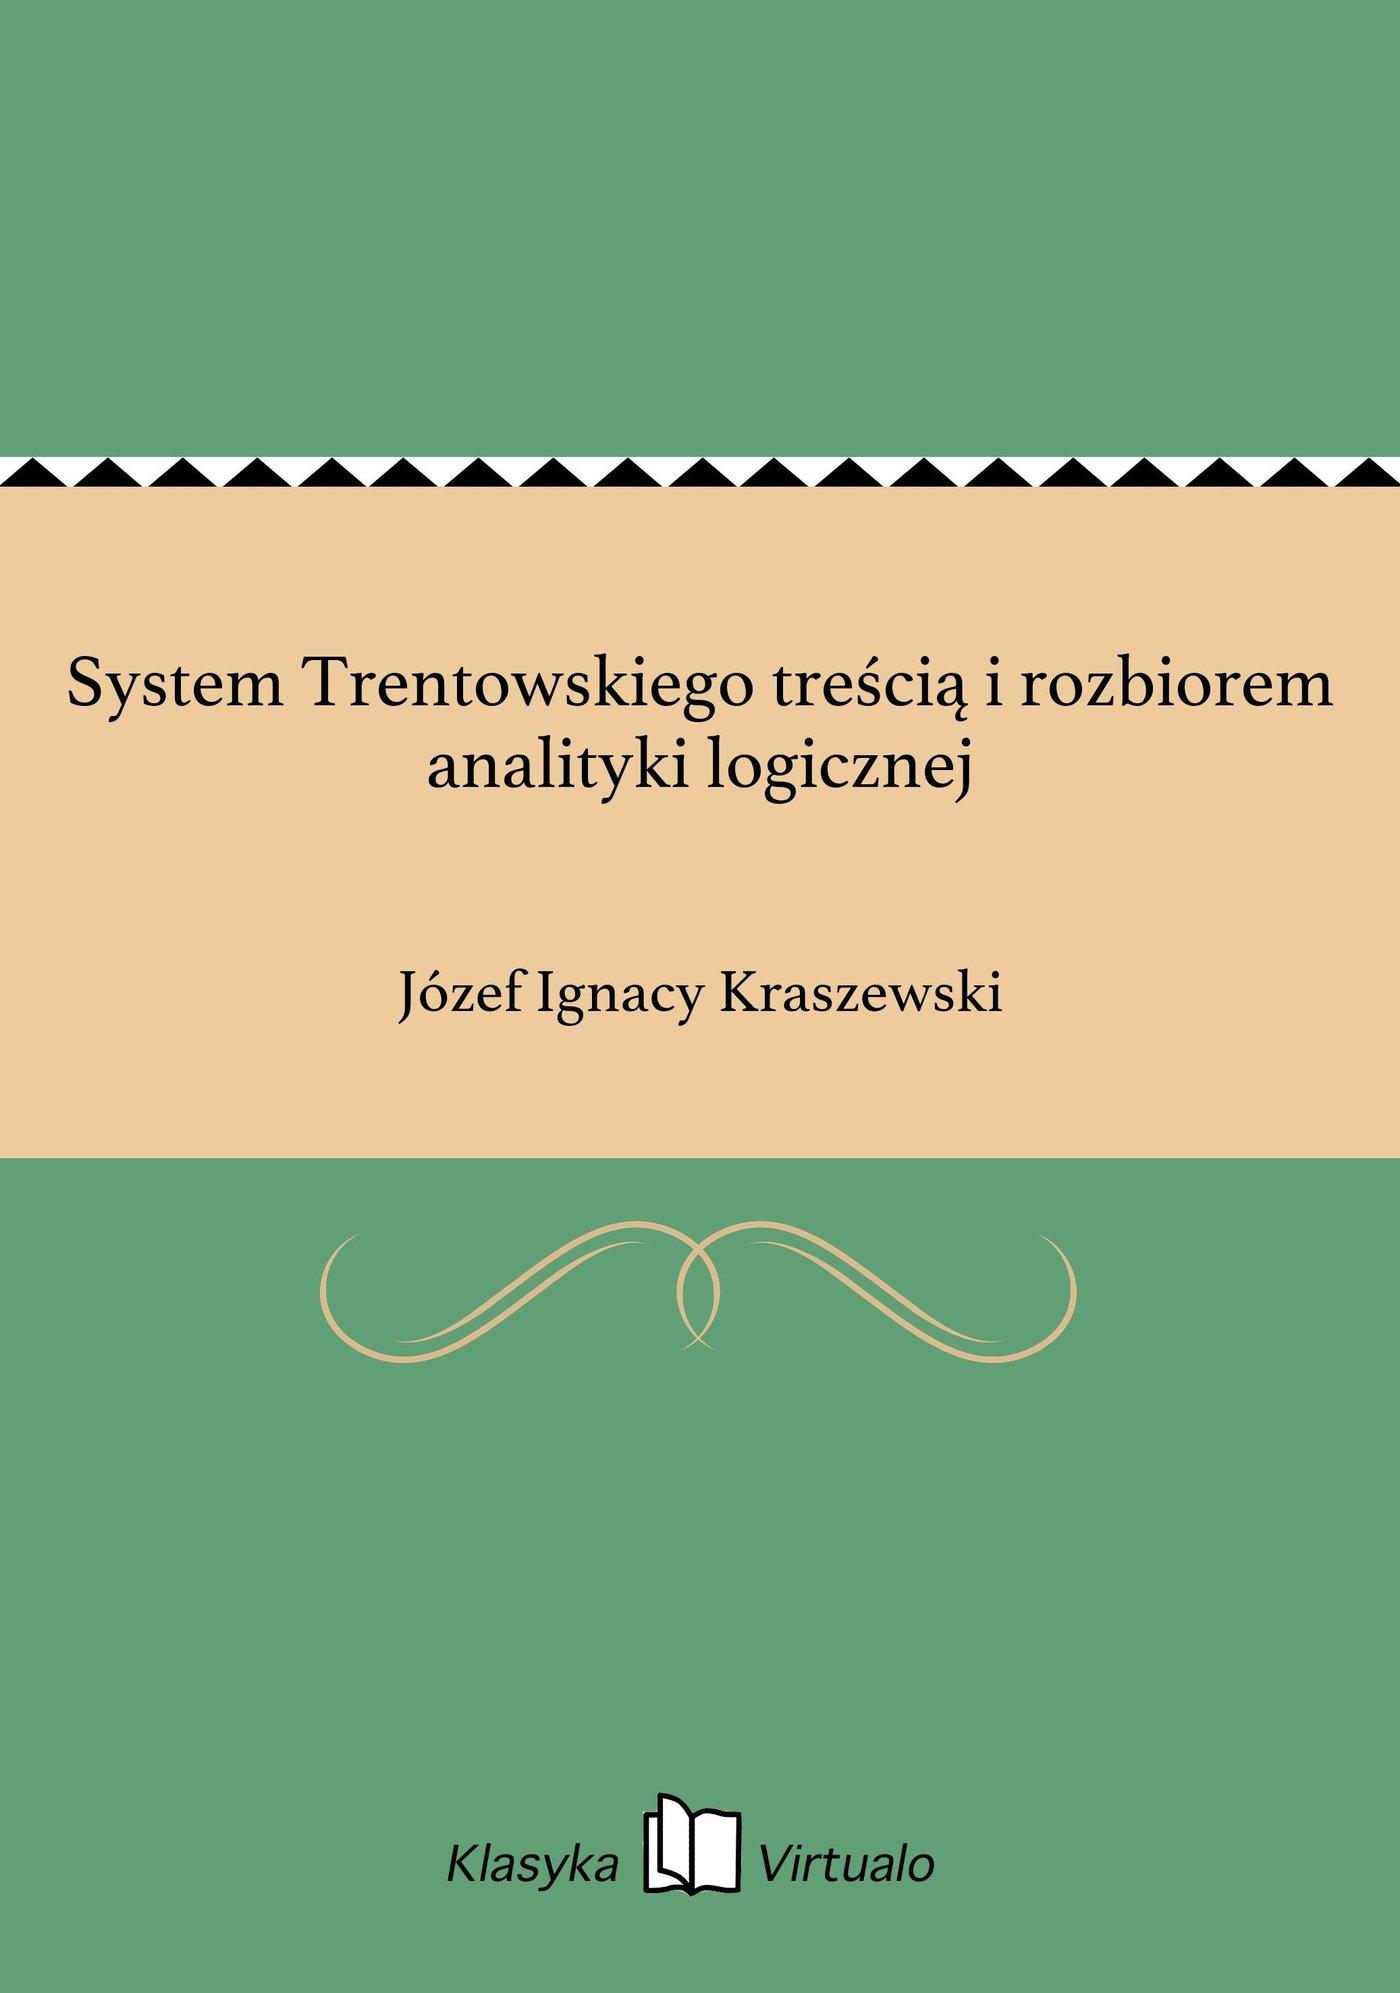 System Trentowskiego treścią i rozbiorem analityki logicznej - Ebook (Książka EPUB) do pobrania w formacie EPUB